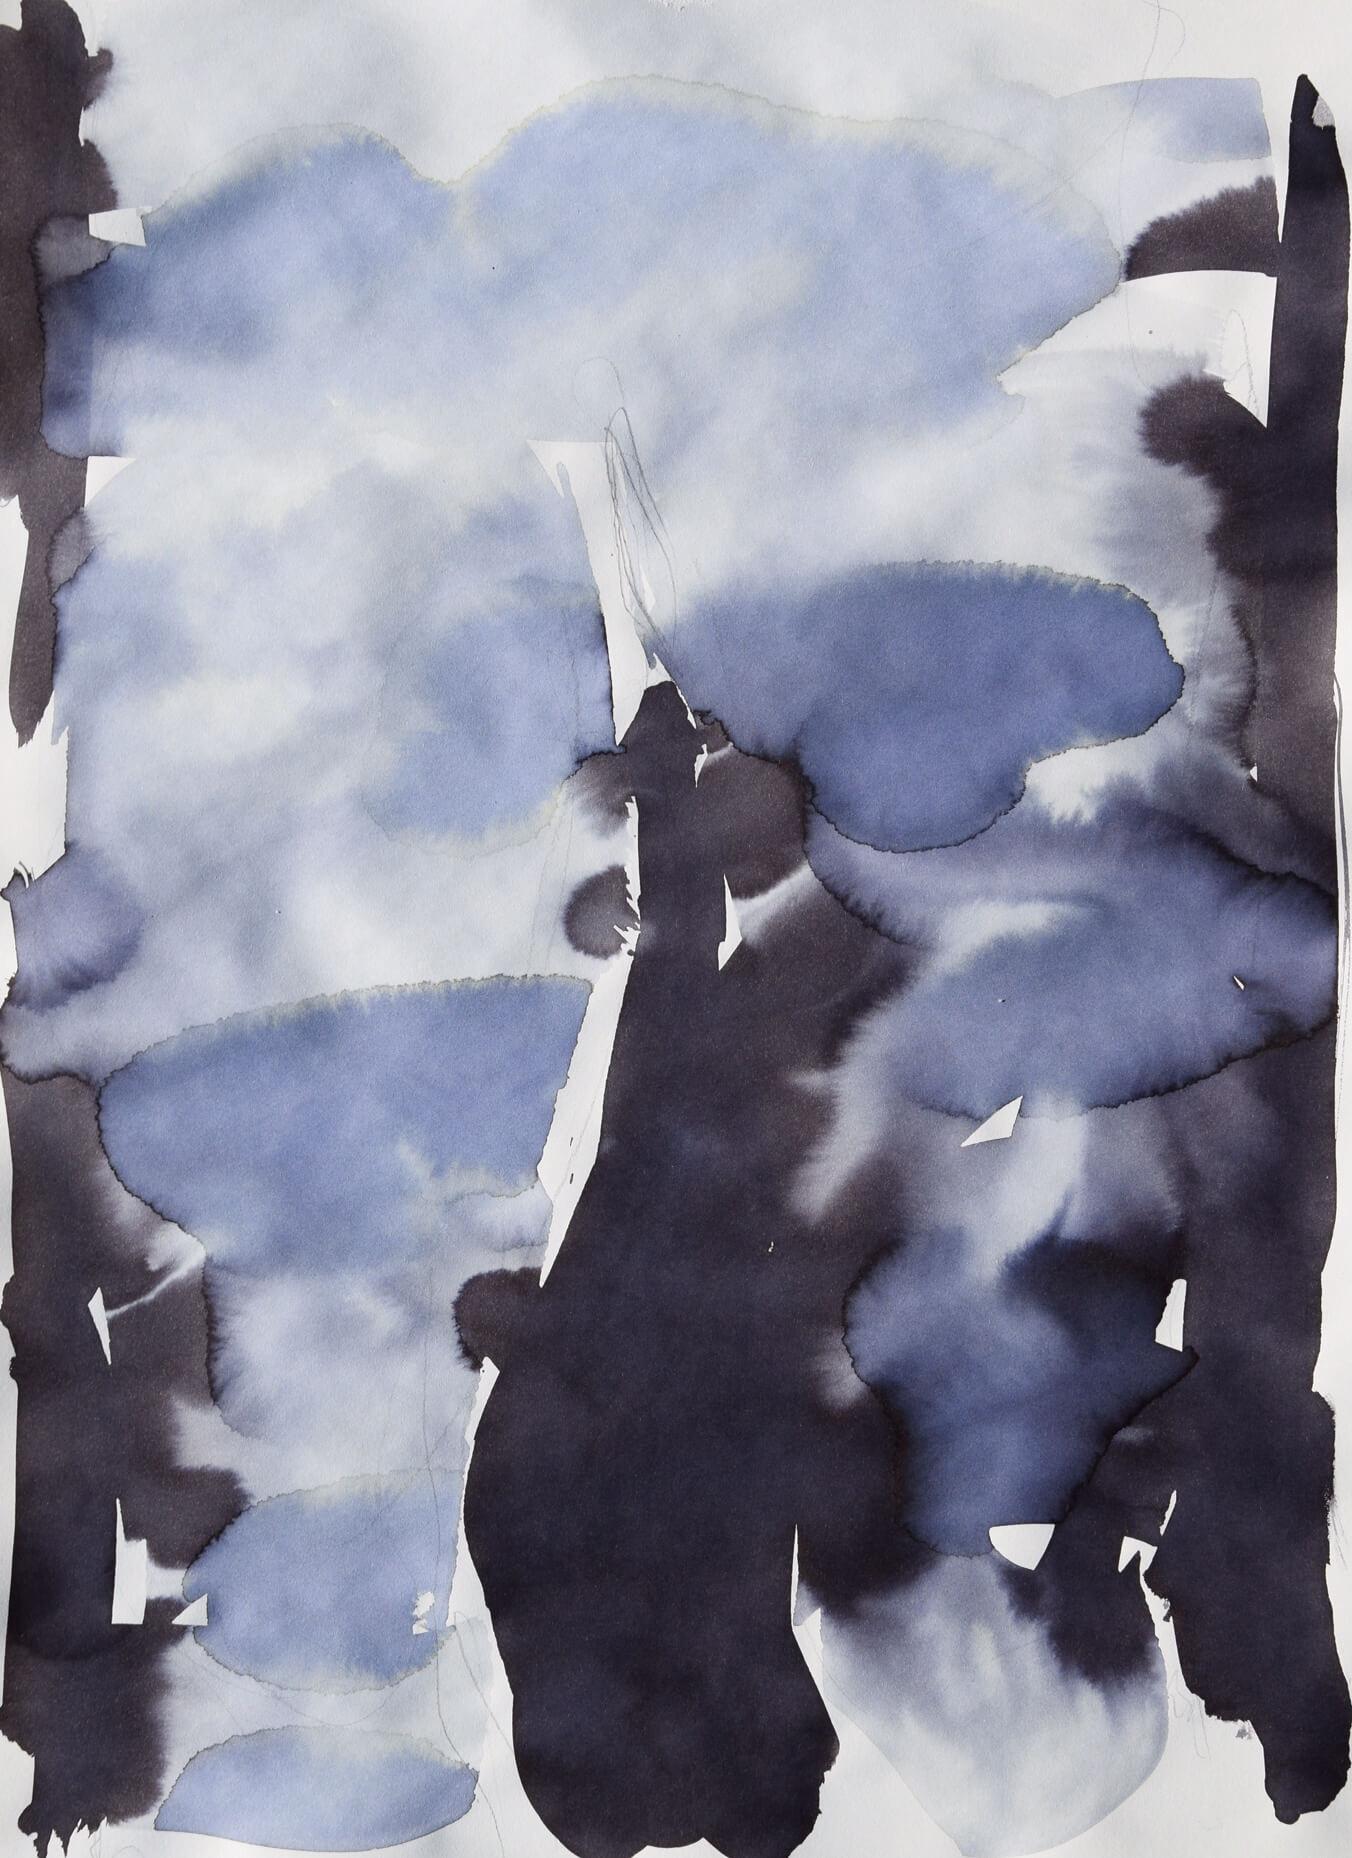 Federico Branchetti - Quadri dipinti - Corpo, acqua e nebbia 2019 - 4